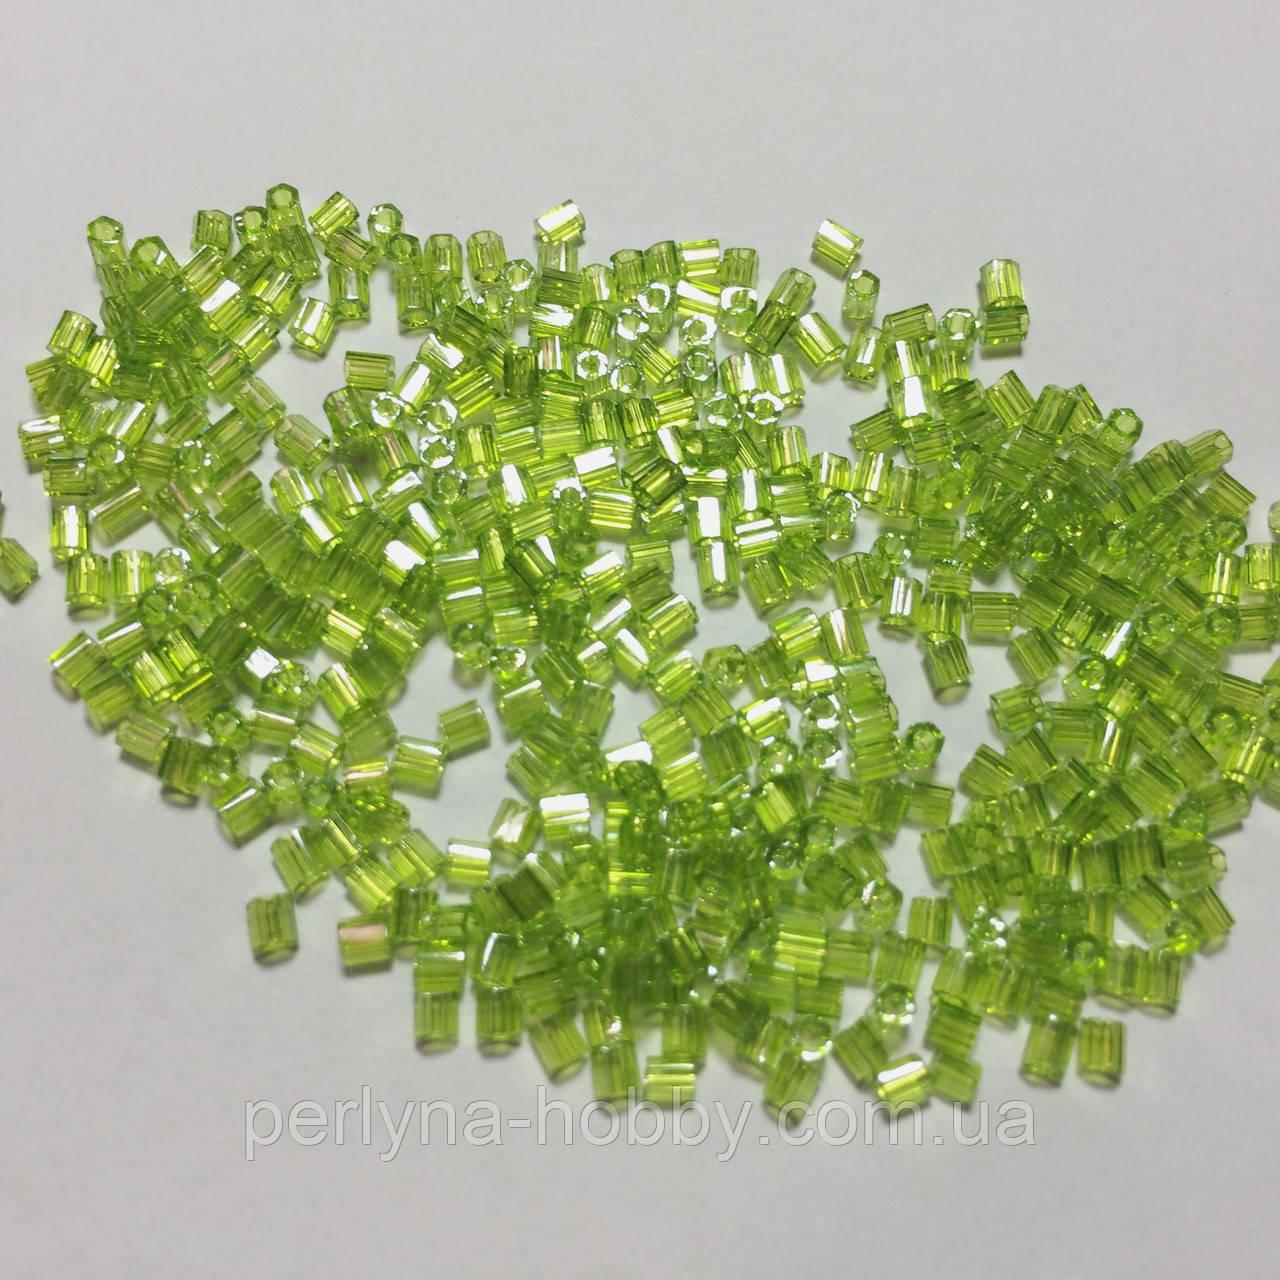 Бісер (бисер) MATSUNO Японія  рубка, 11/ 2 CUT 100 грам, № 505, салатовий прозорий